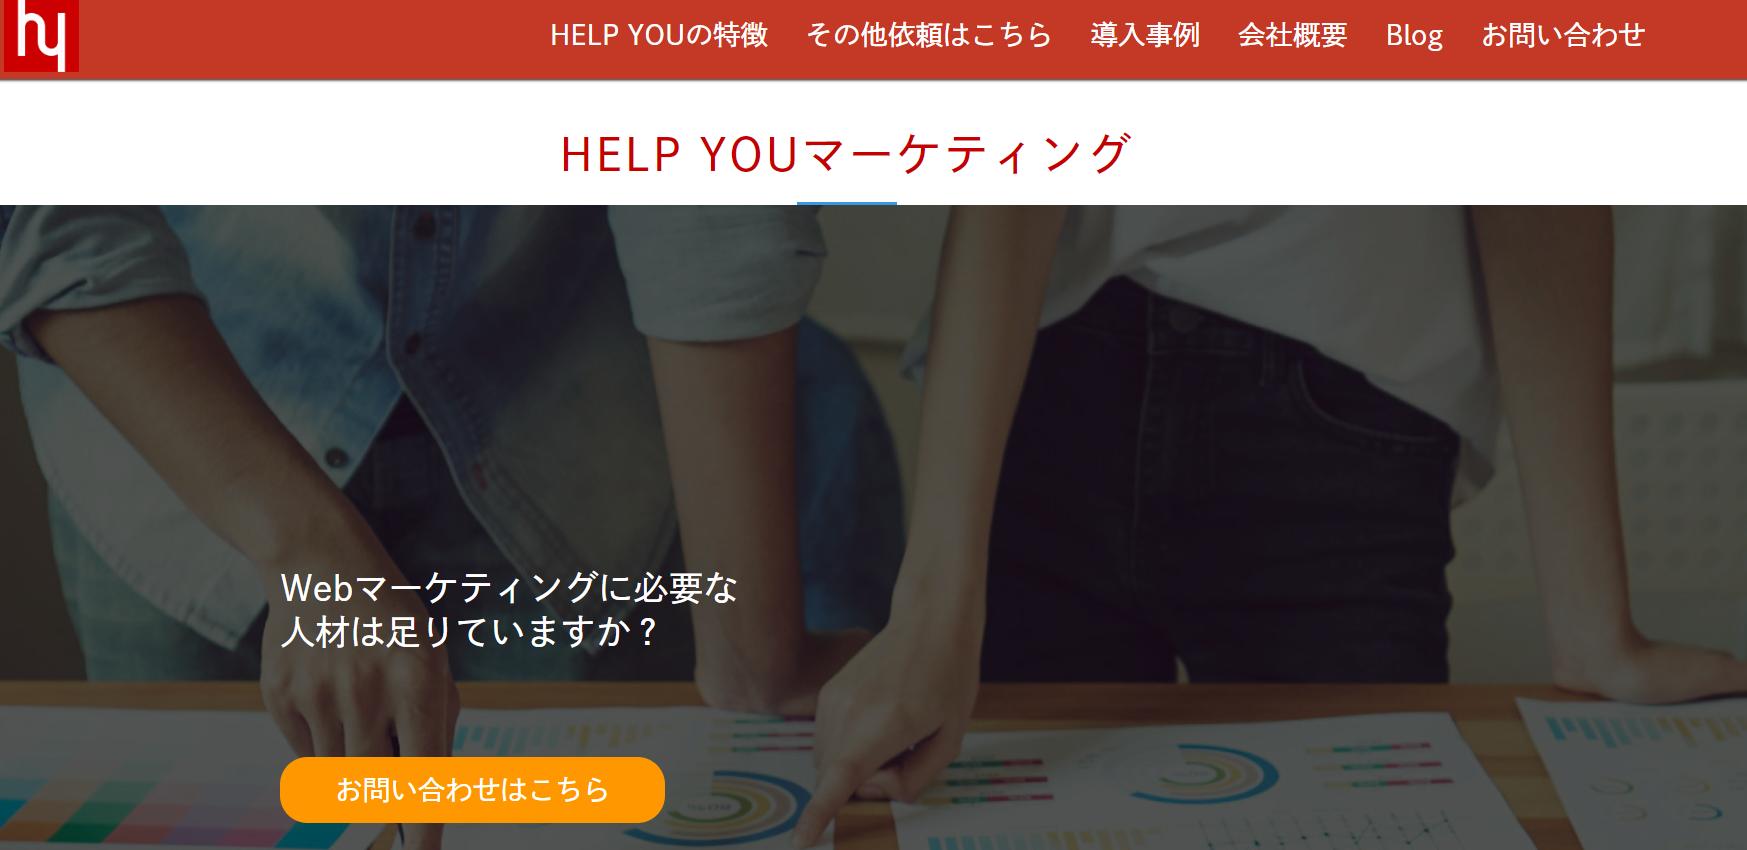 HELPYOUマーケティングトップページ